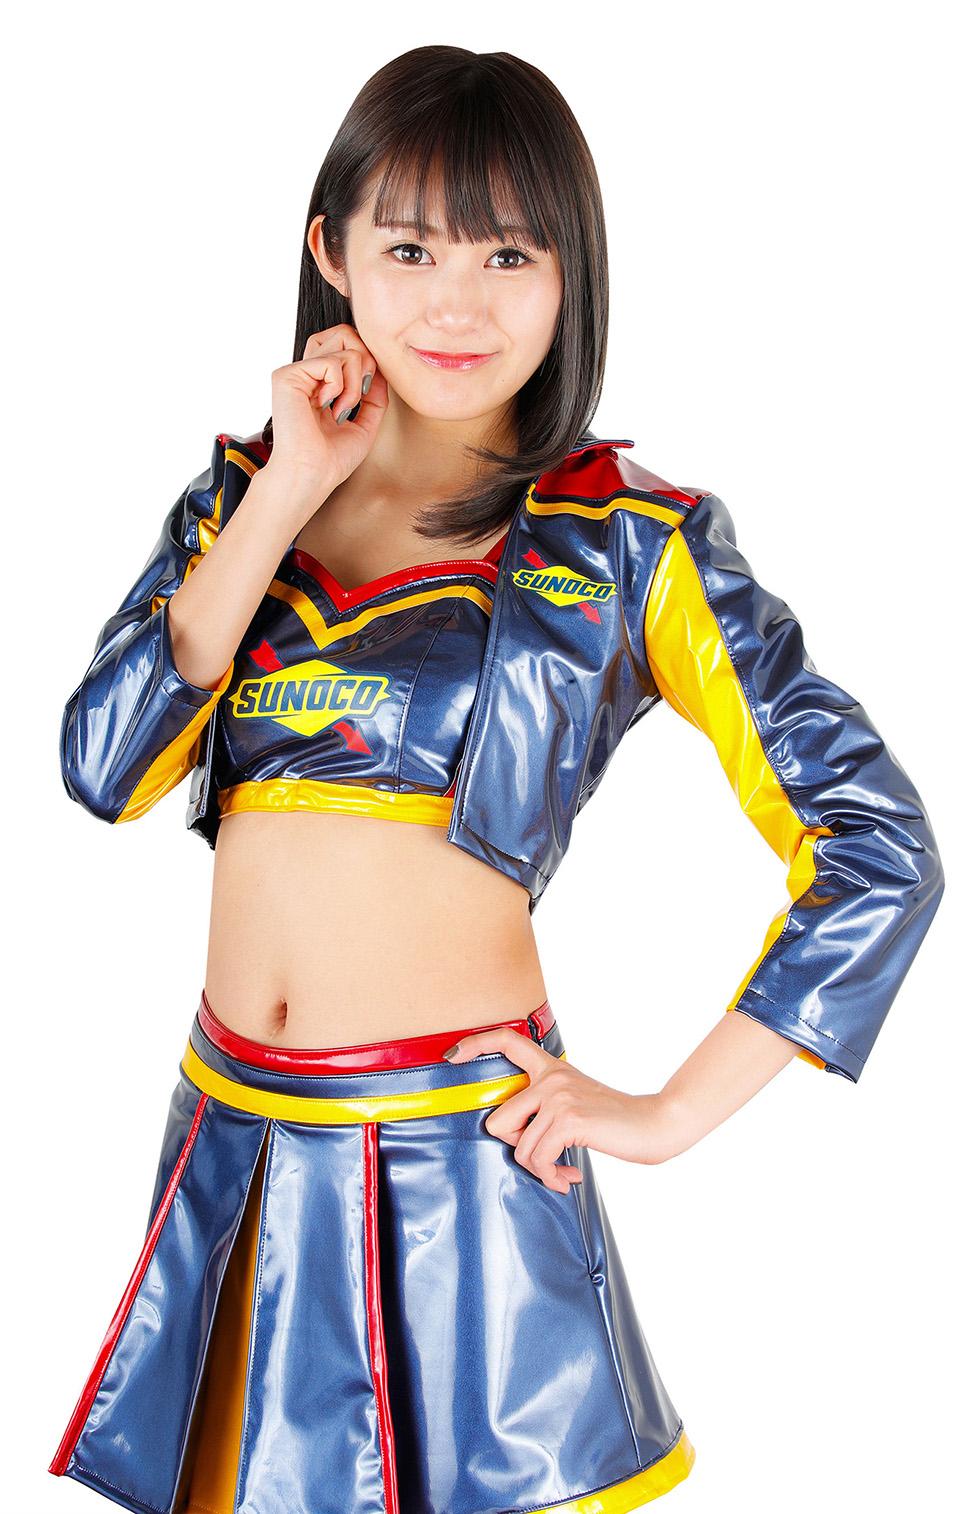 2019年シーズンを彩る新SUNOCOイメージガール後藤佑紀さん